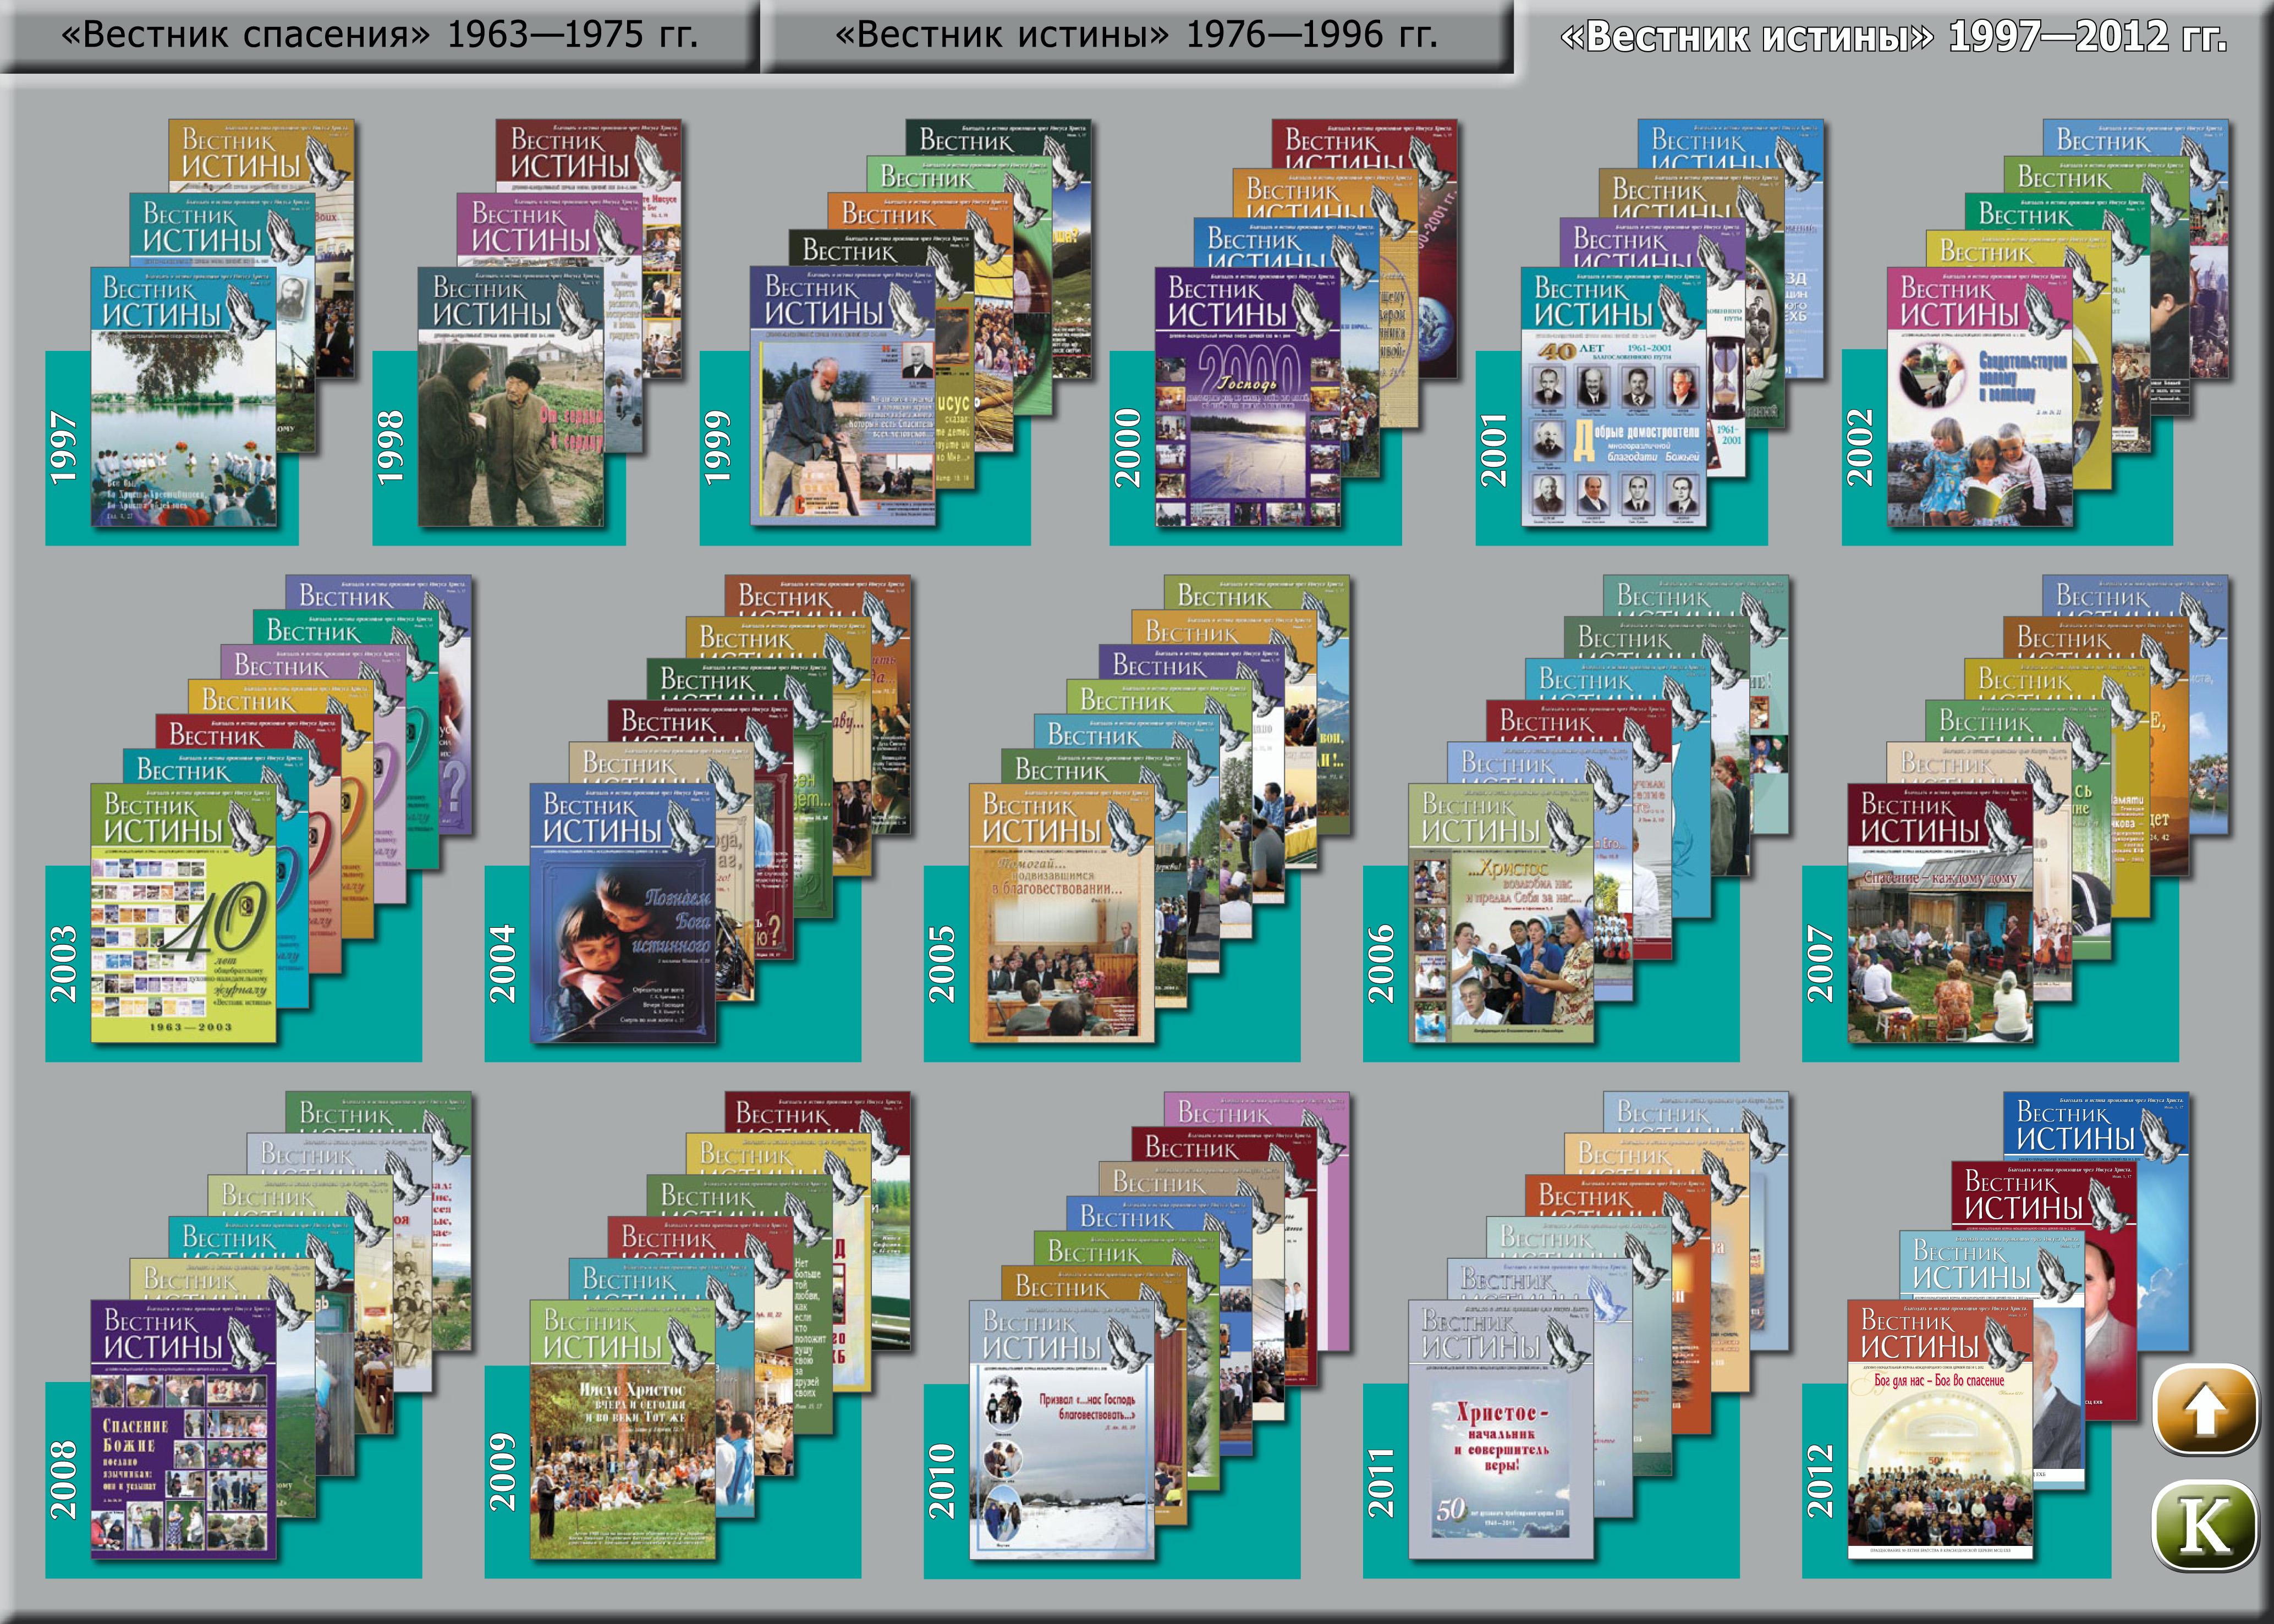 Журналы «Вестник спасения» 1963-1975 и «Вестник истины» 1976-2012